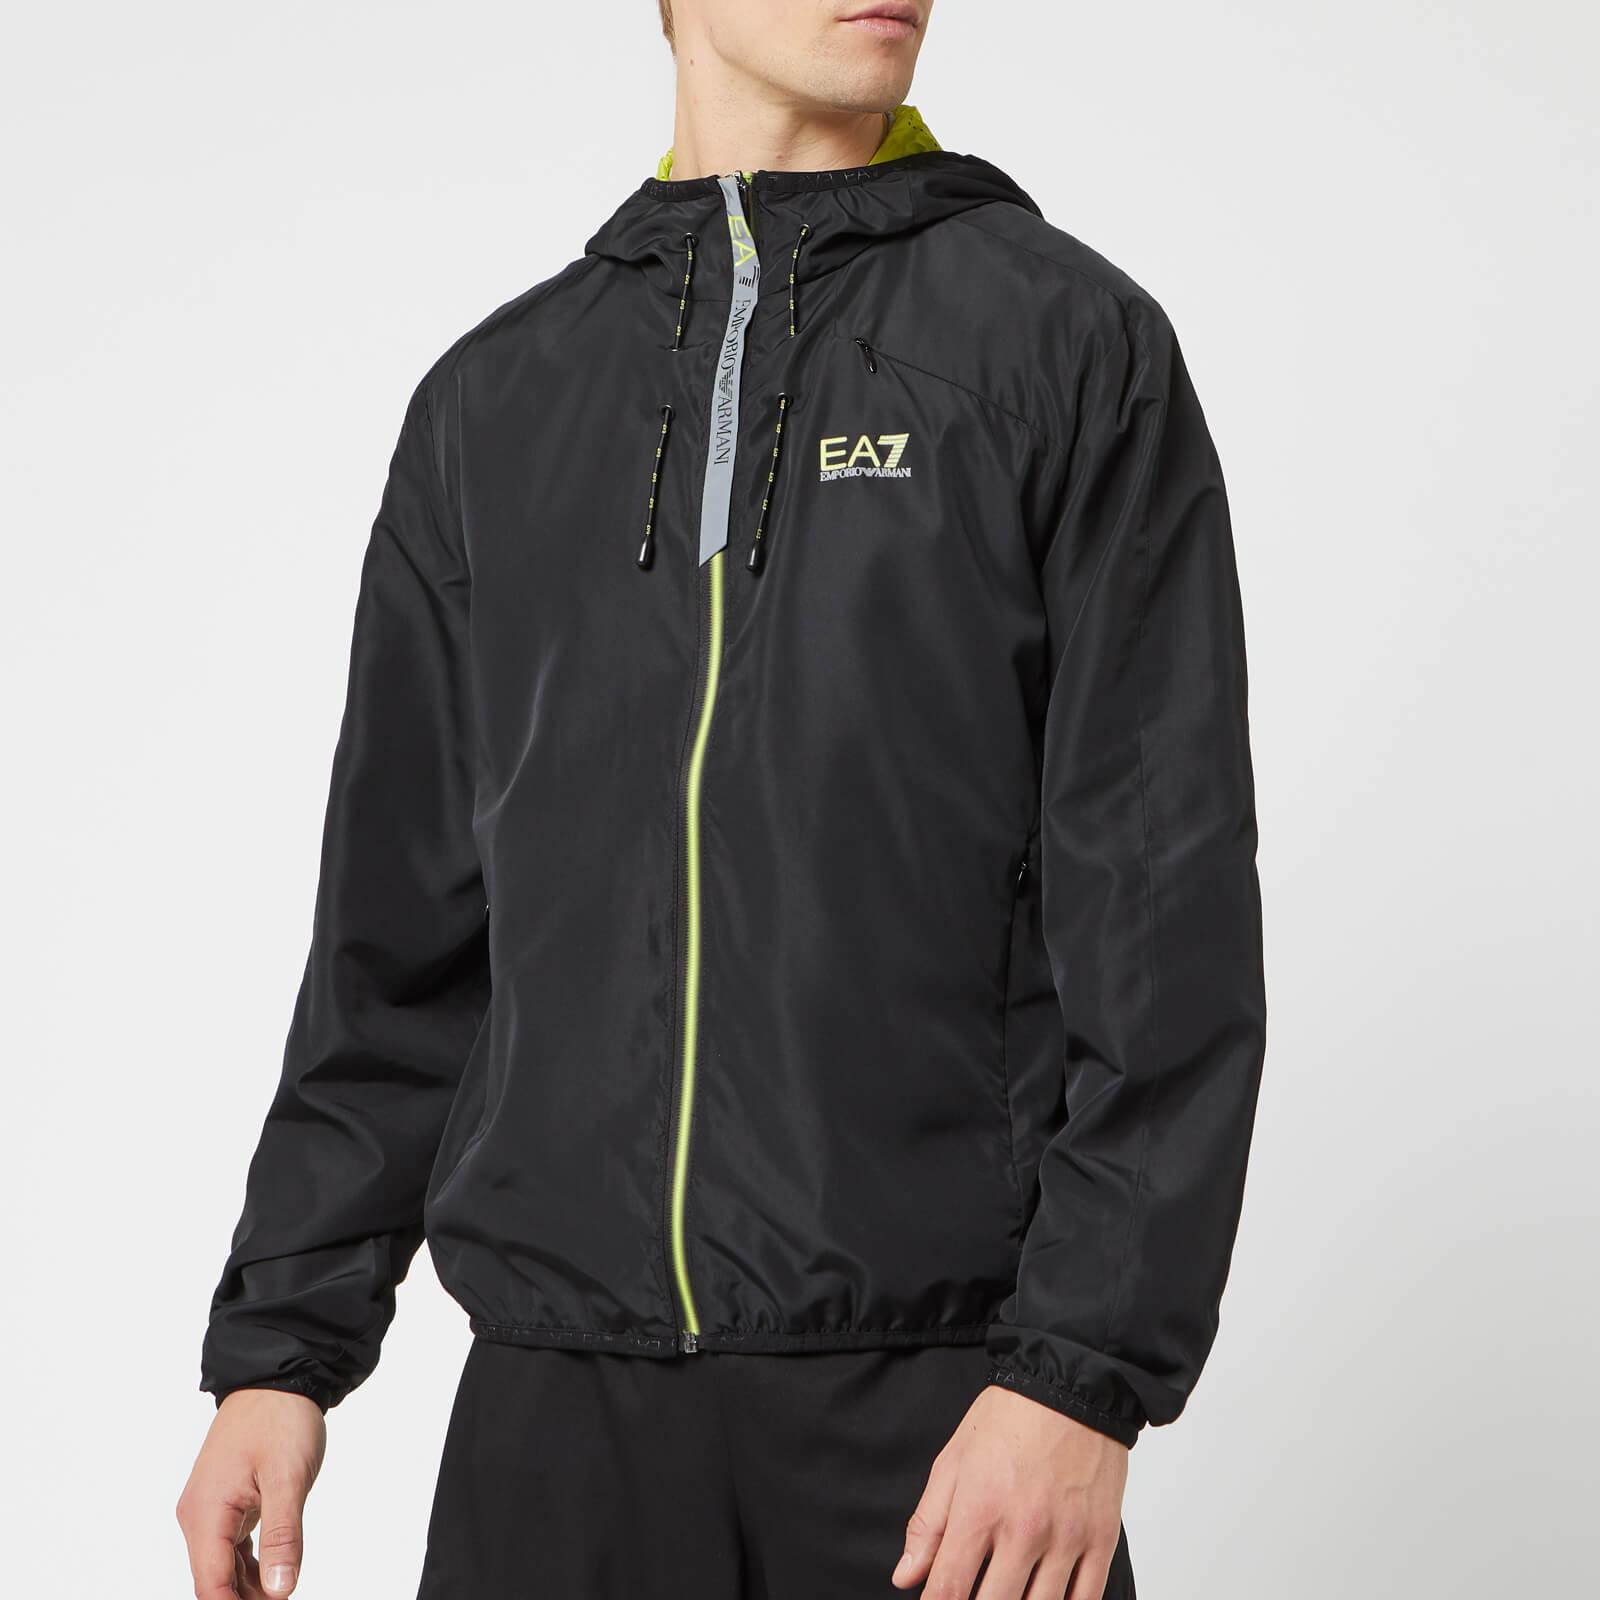 2698b218 Emporio Armani EA7 Men's Ventus 7 Top Performance Jacket - Black